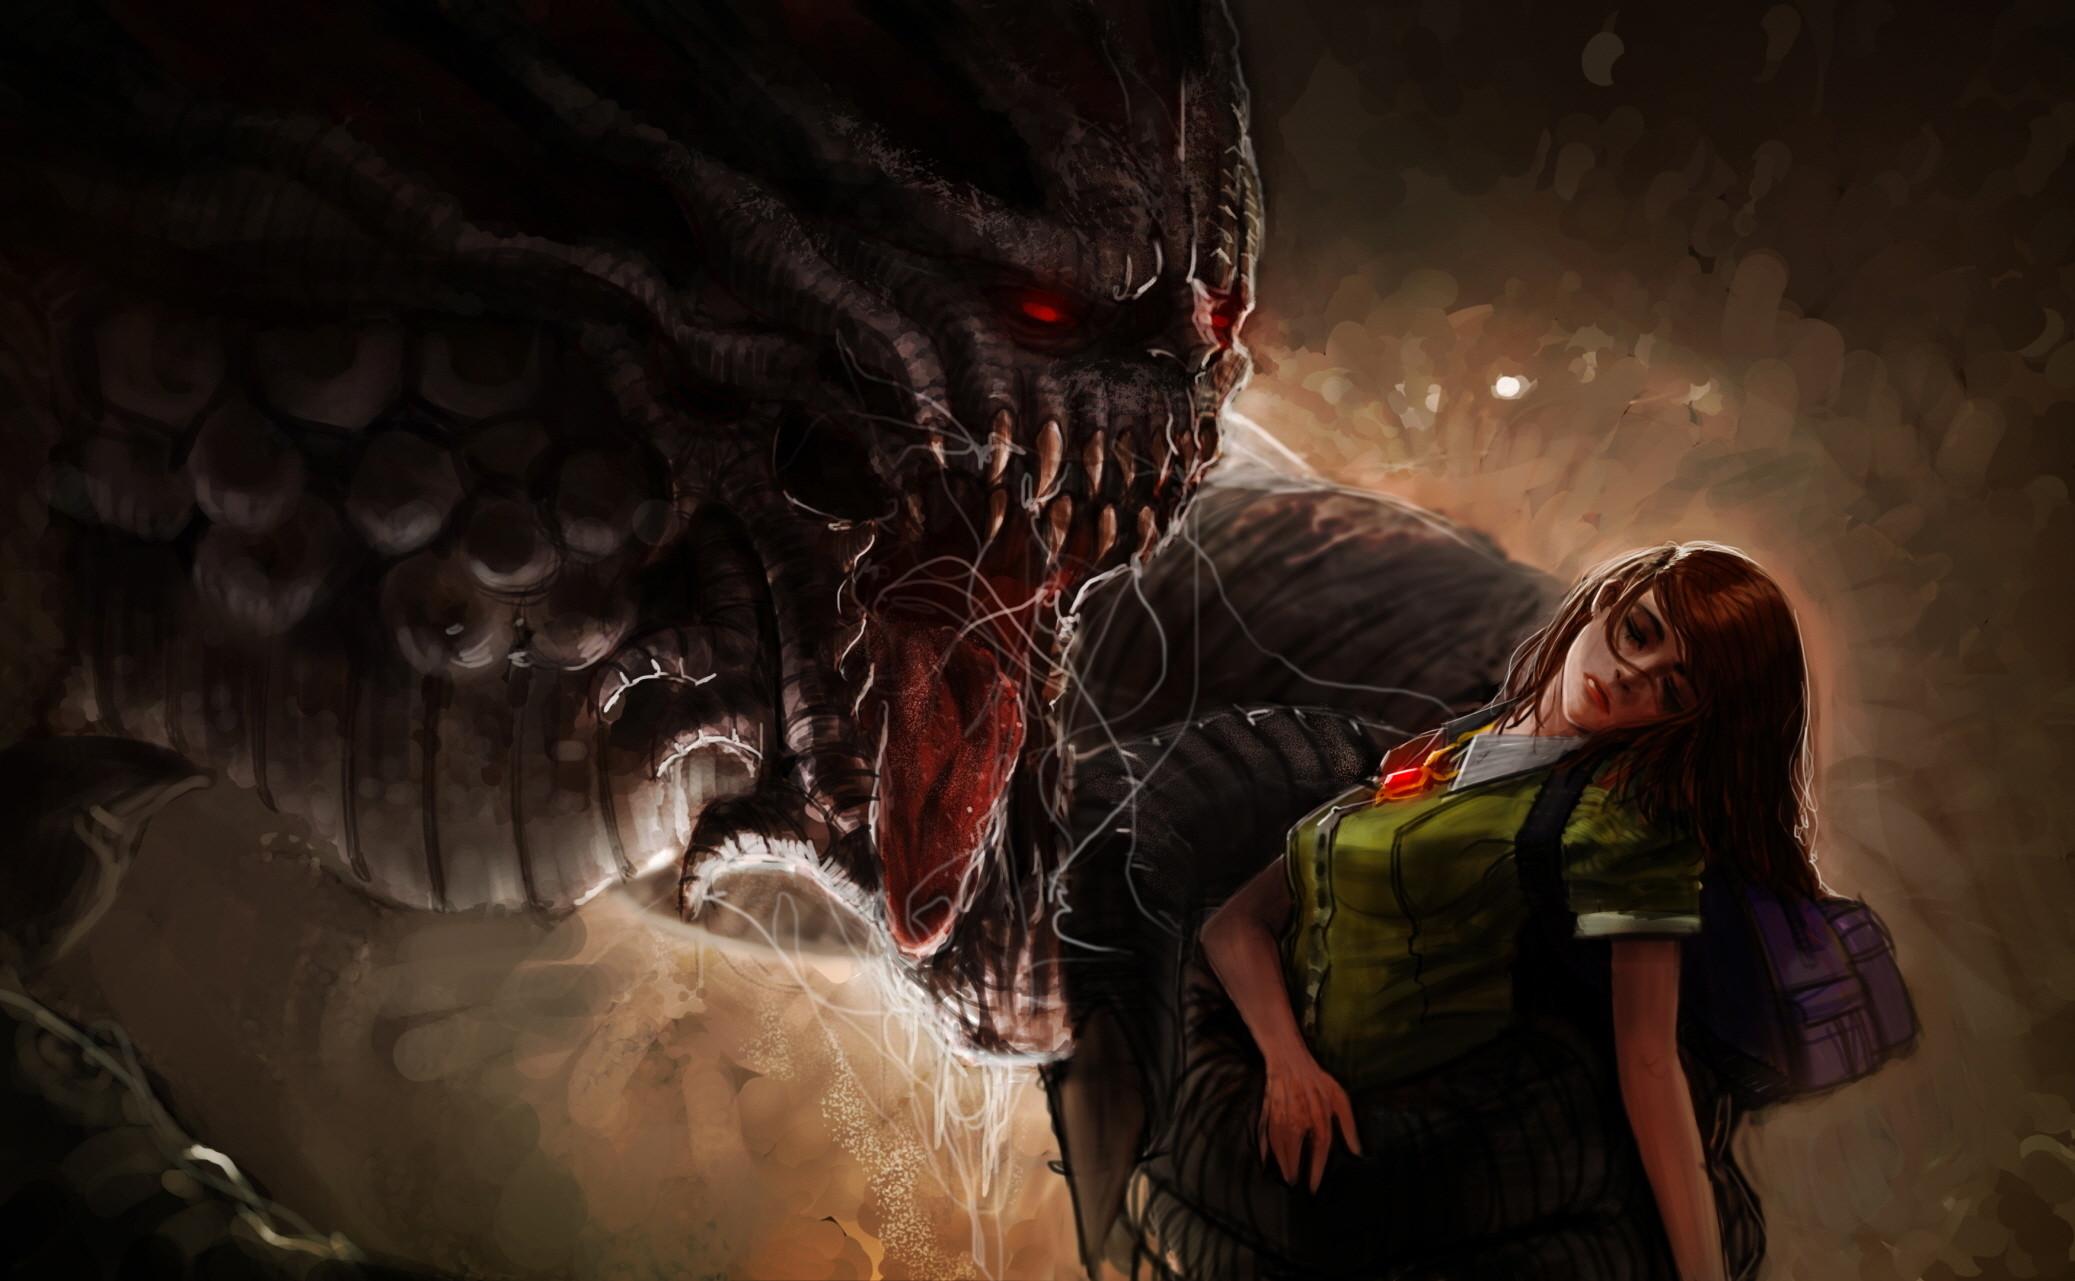 Monsters Fantasy Girls Monster Scary Horror Girl Dark Wallpaper At Dark  Wallpapers